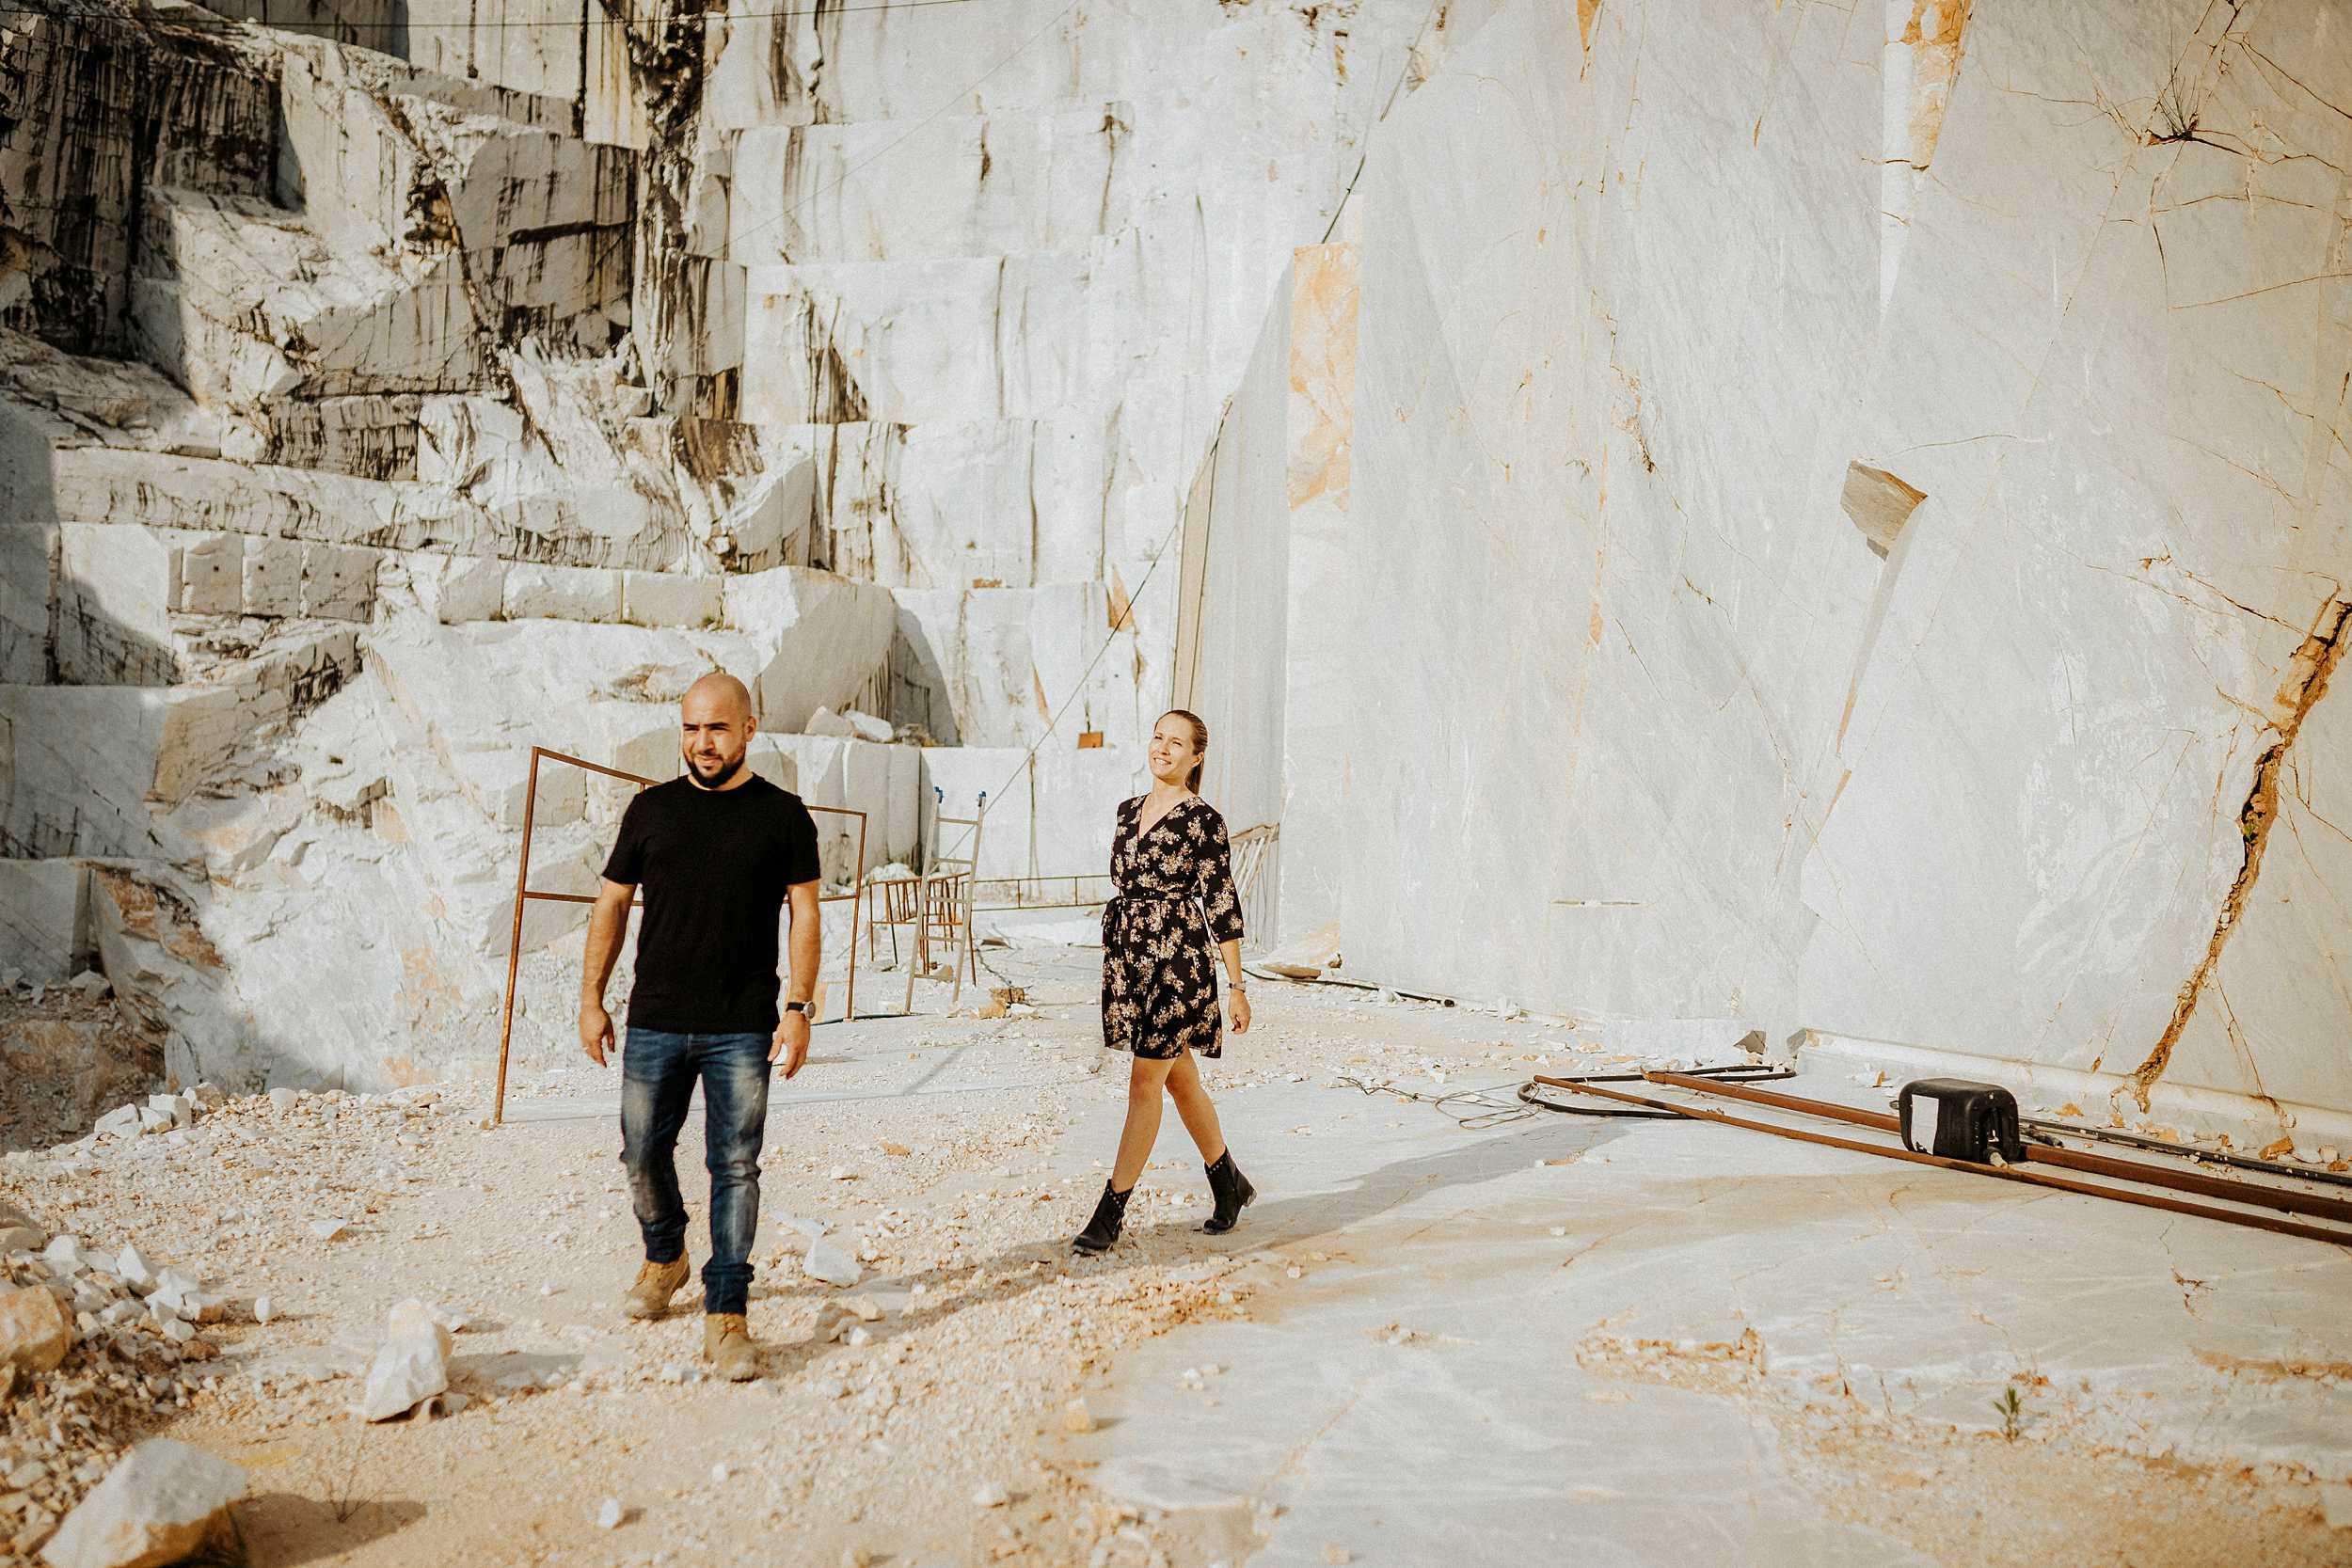 passseggiare in coppia cave di marmo carrara colonata